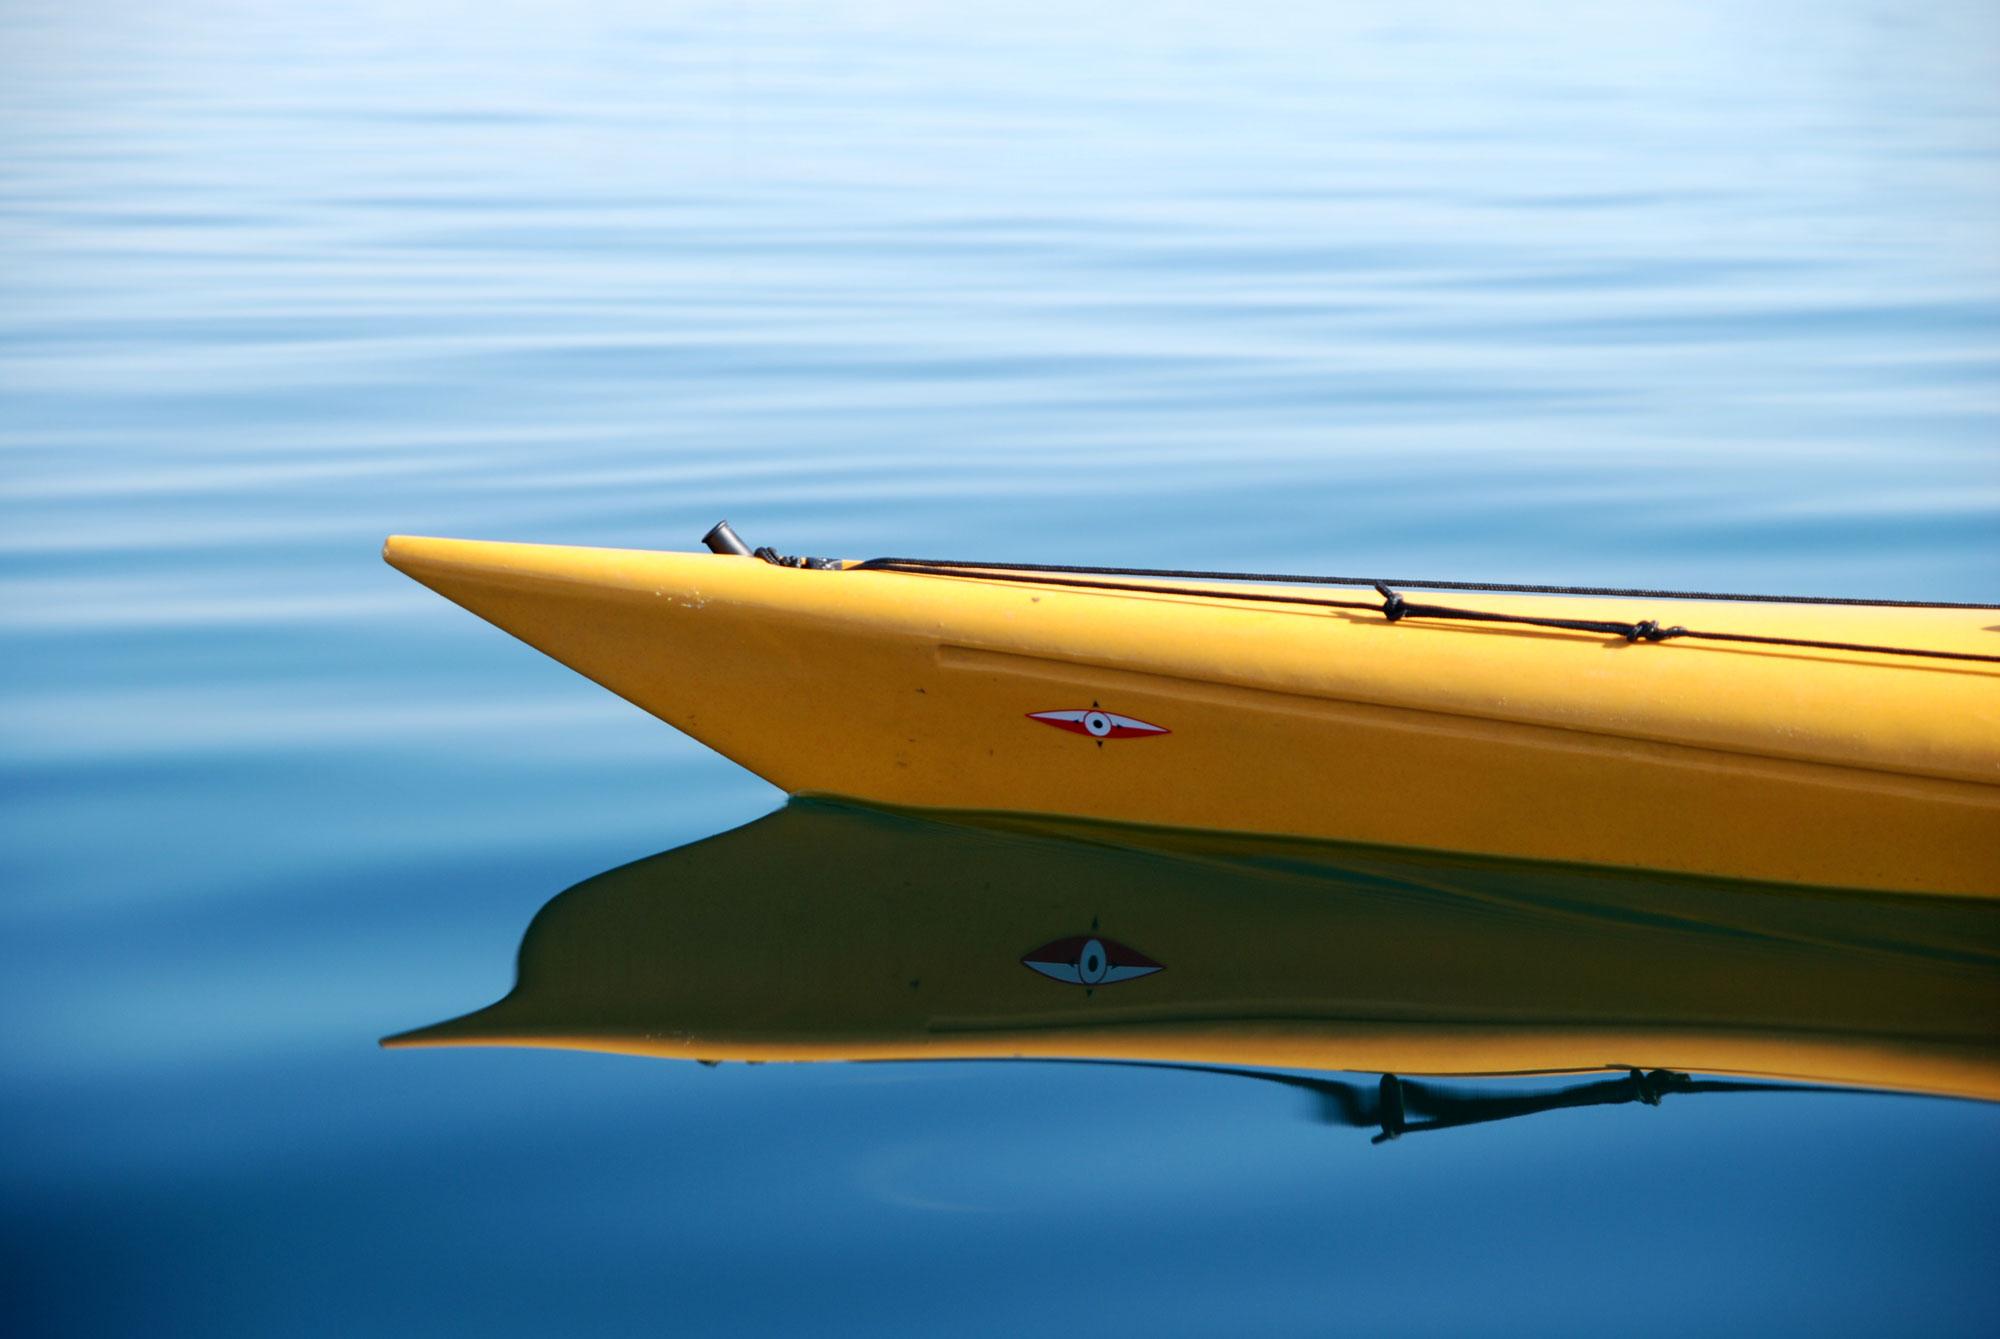 Man sieht die Spitze eines gelben Kanus auf dem Wasser.